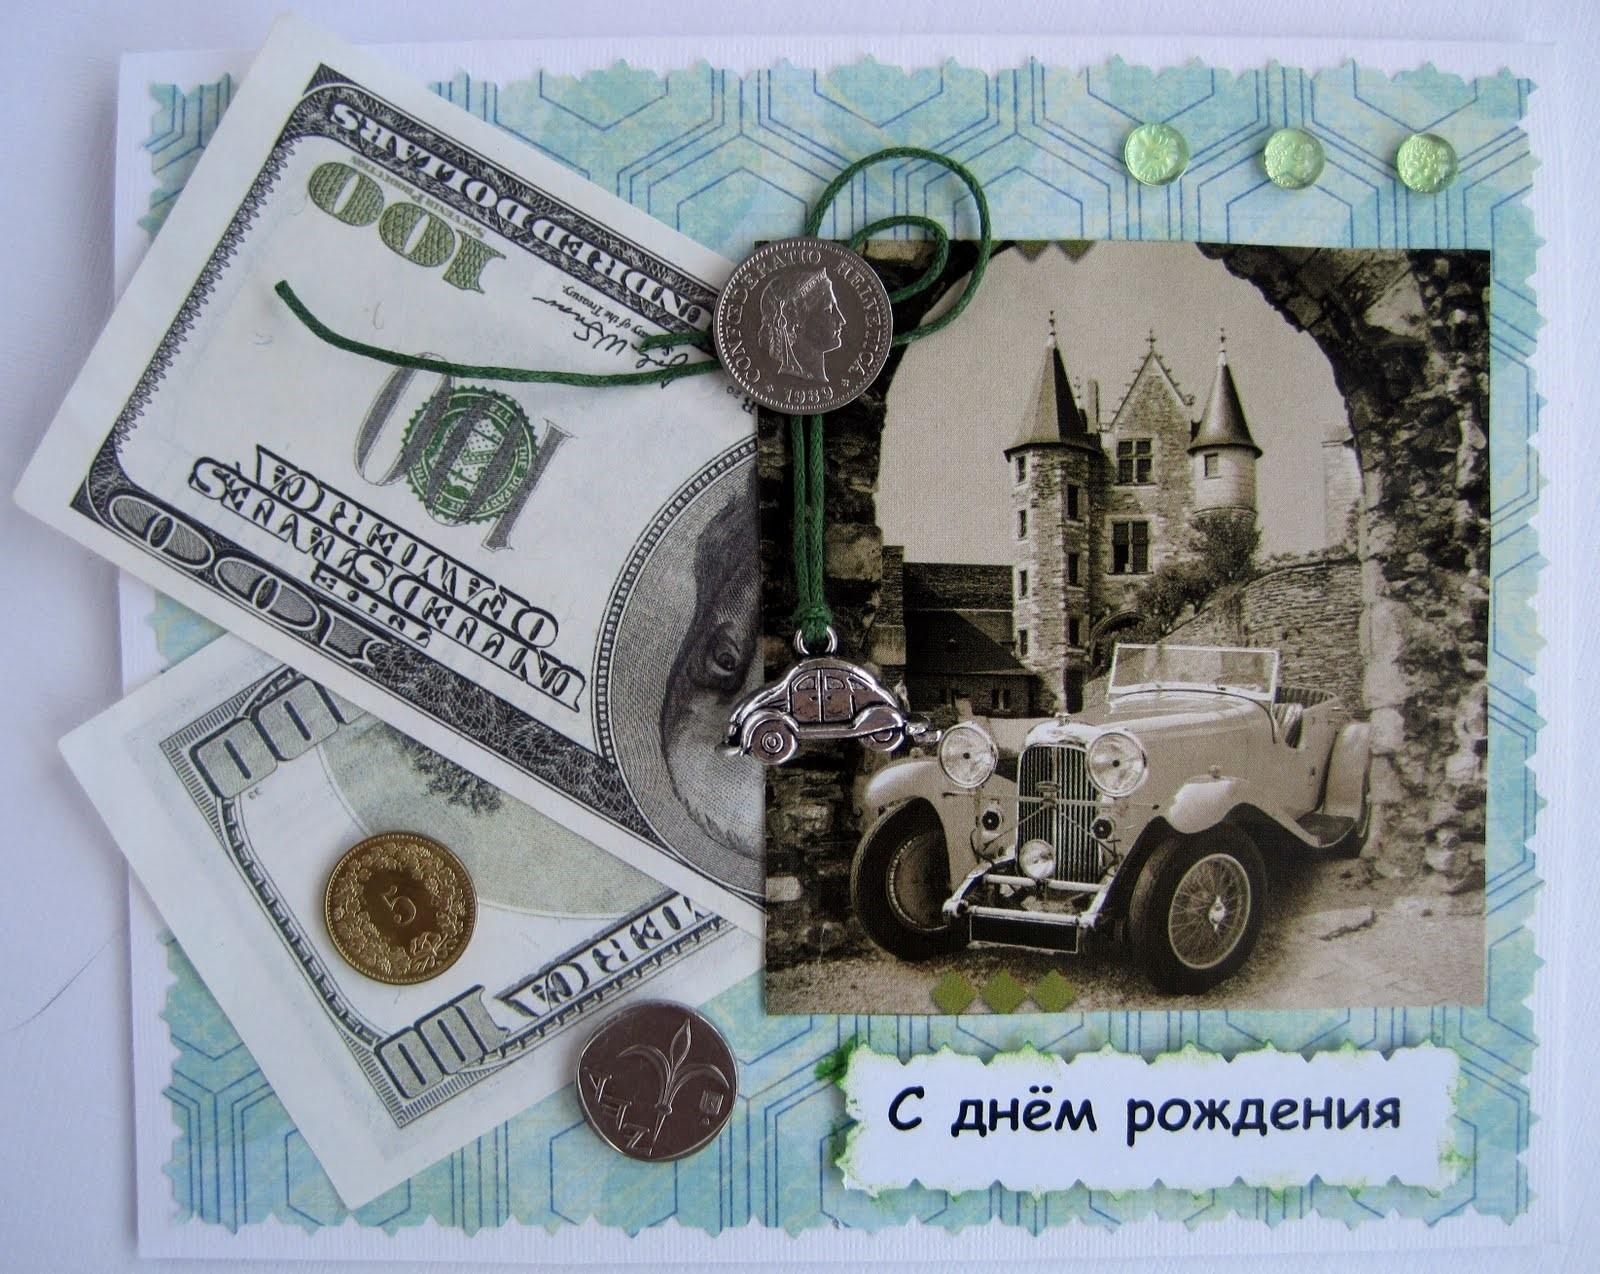 открытки для александра с днем рождения с машинами и деньгами какие тайны хранят